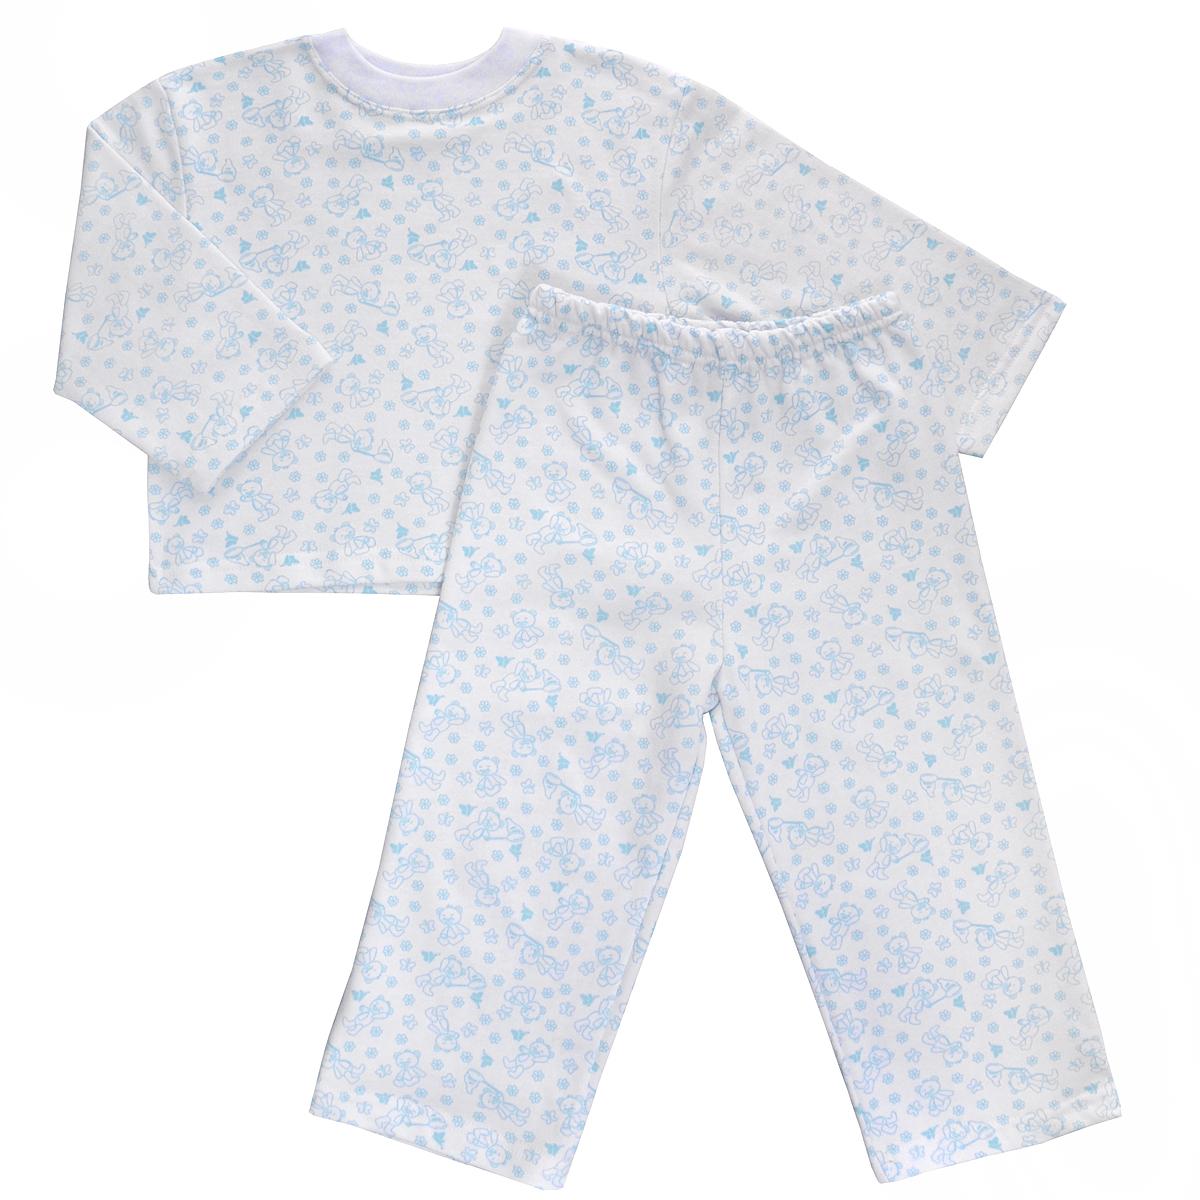 Пижама детская Трон-плюс, цвет: белый, голубой, рисунок мишки. 5553. Размер 80/86, 1-2 года5553Яркая детская пижама Трон-плюс, состоящая из кофточки и штанишек, идеально подойдет вашему малышу и станет отличным дополнением к детскому гардеробу. Теплая пижама, изготовленная из набивного футера - натурального хлопка, необычайно мягкая и легкая, не сковывает движения ребенка, позволяет коже дышать и не раздражает даже самую нежную и чувствительную кожу малыша. Кофта с длинными рукавами имеет круглый вырез горловины. Штанишки на удобной резинке не сдавливают животик ребенка и не сползают.В такой пижаме ваш ребенок будет чувствовать себя комфортно и уютно во время сна.